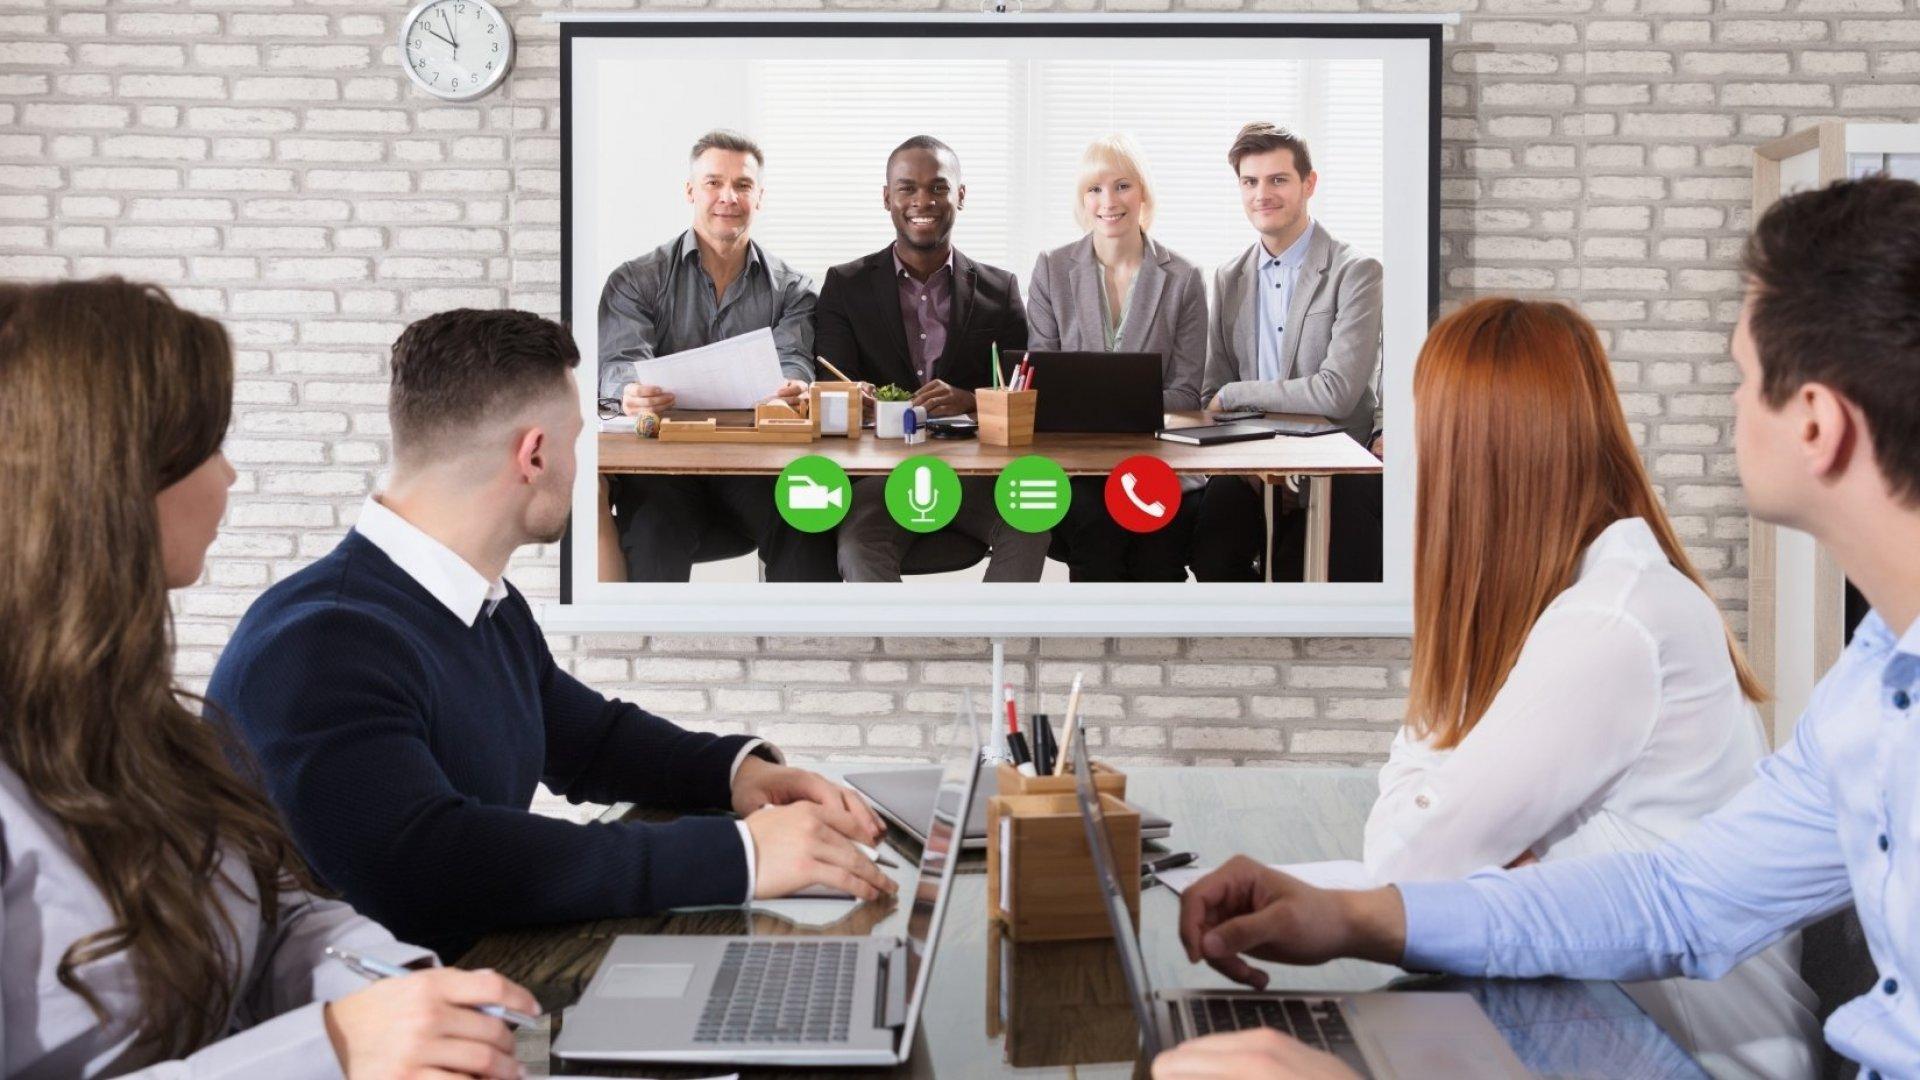 5 Keys for Building Effective Multi-Location Teams